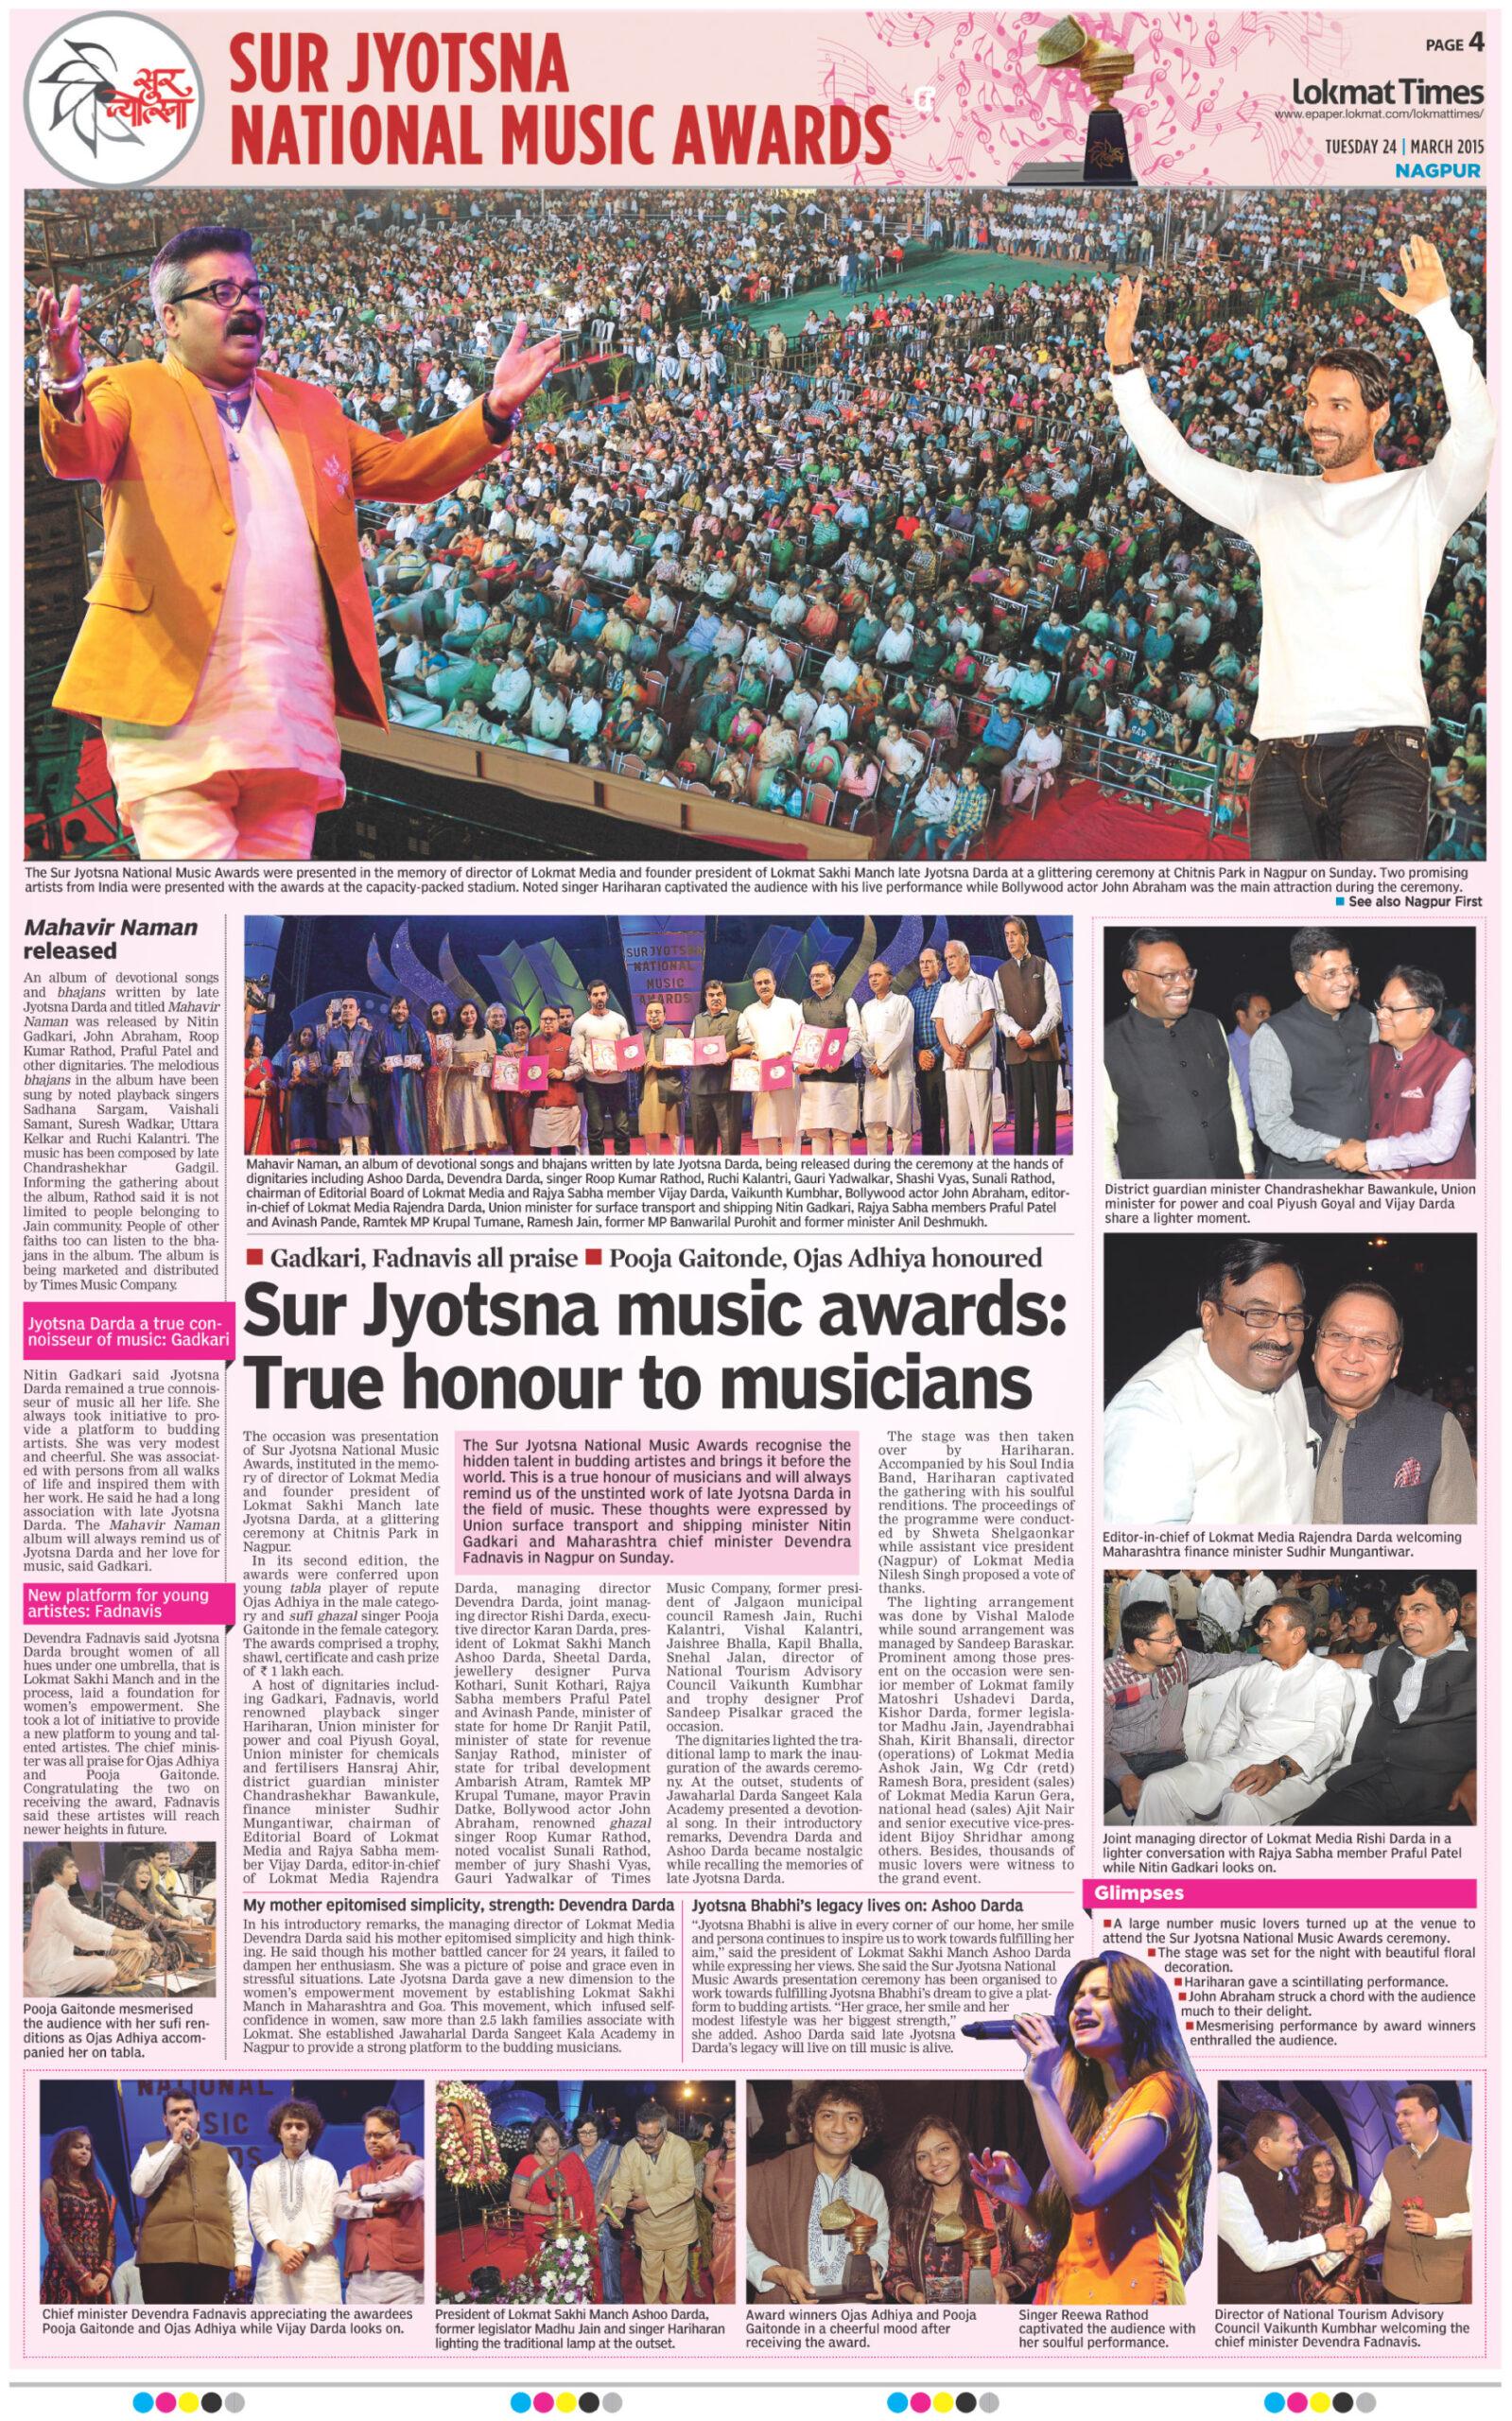 Sur Jyotsna music awards: True honour to musicians